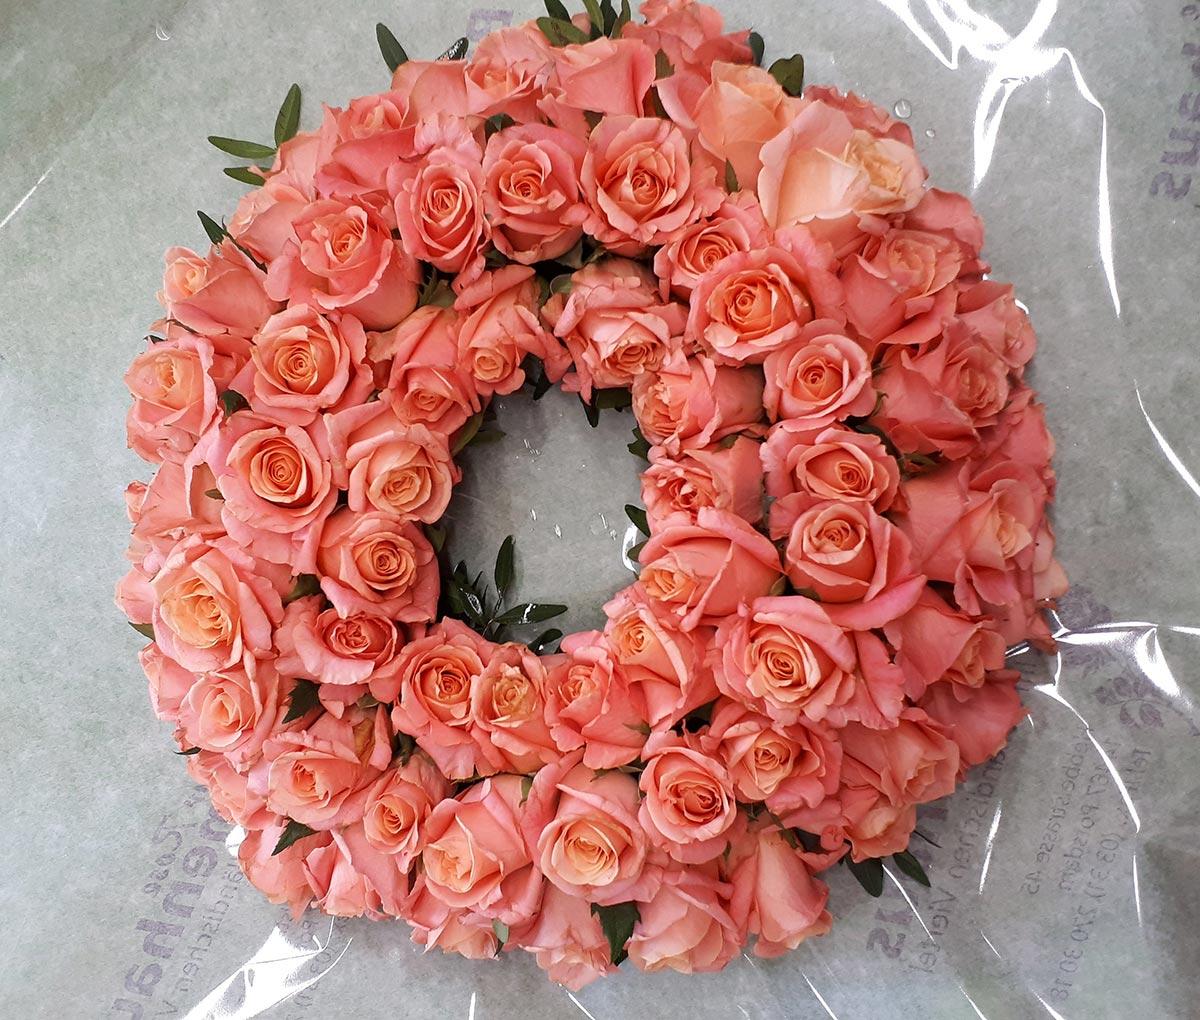 Hochzeitsdekoration Tischgesteck rosa Rosenkranz